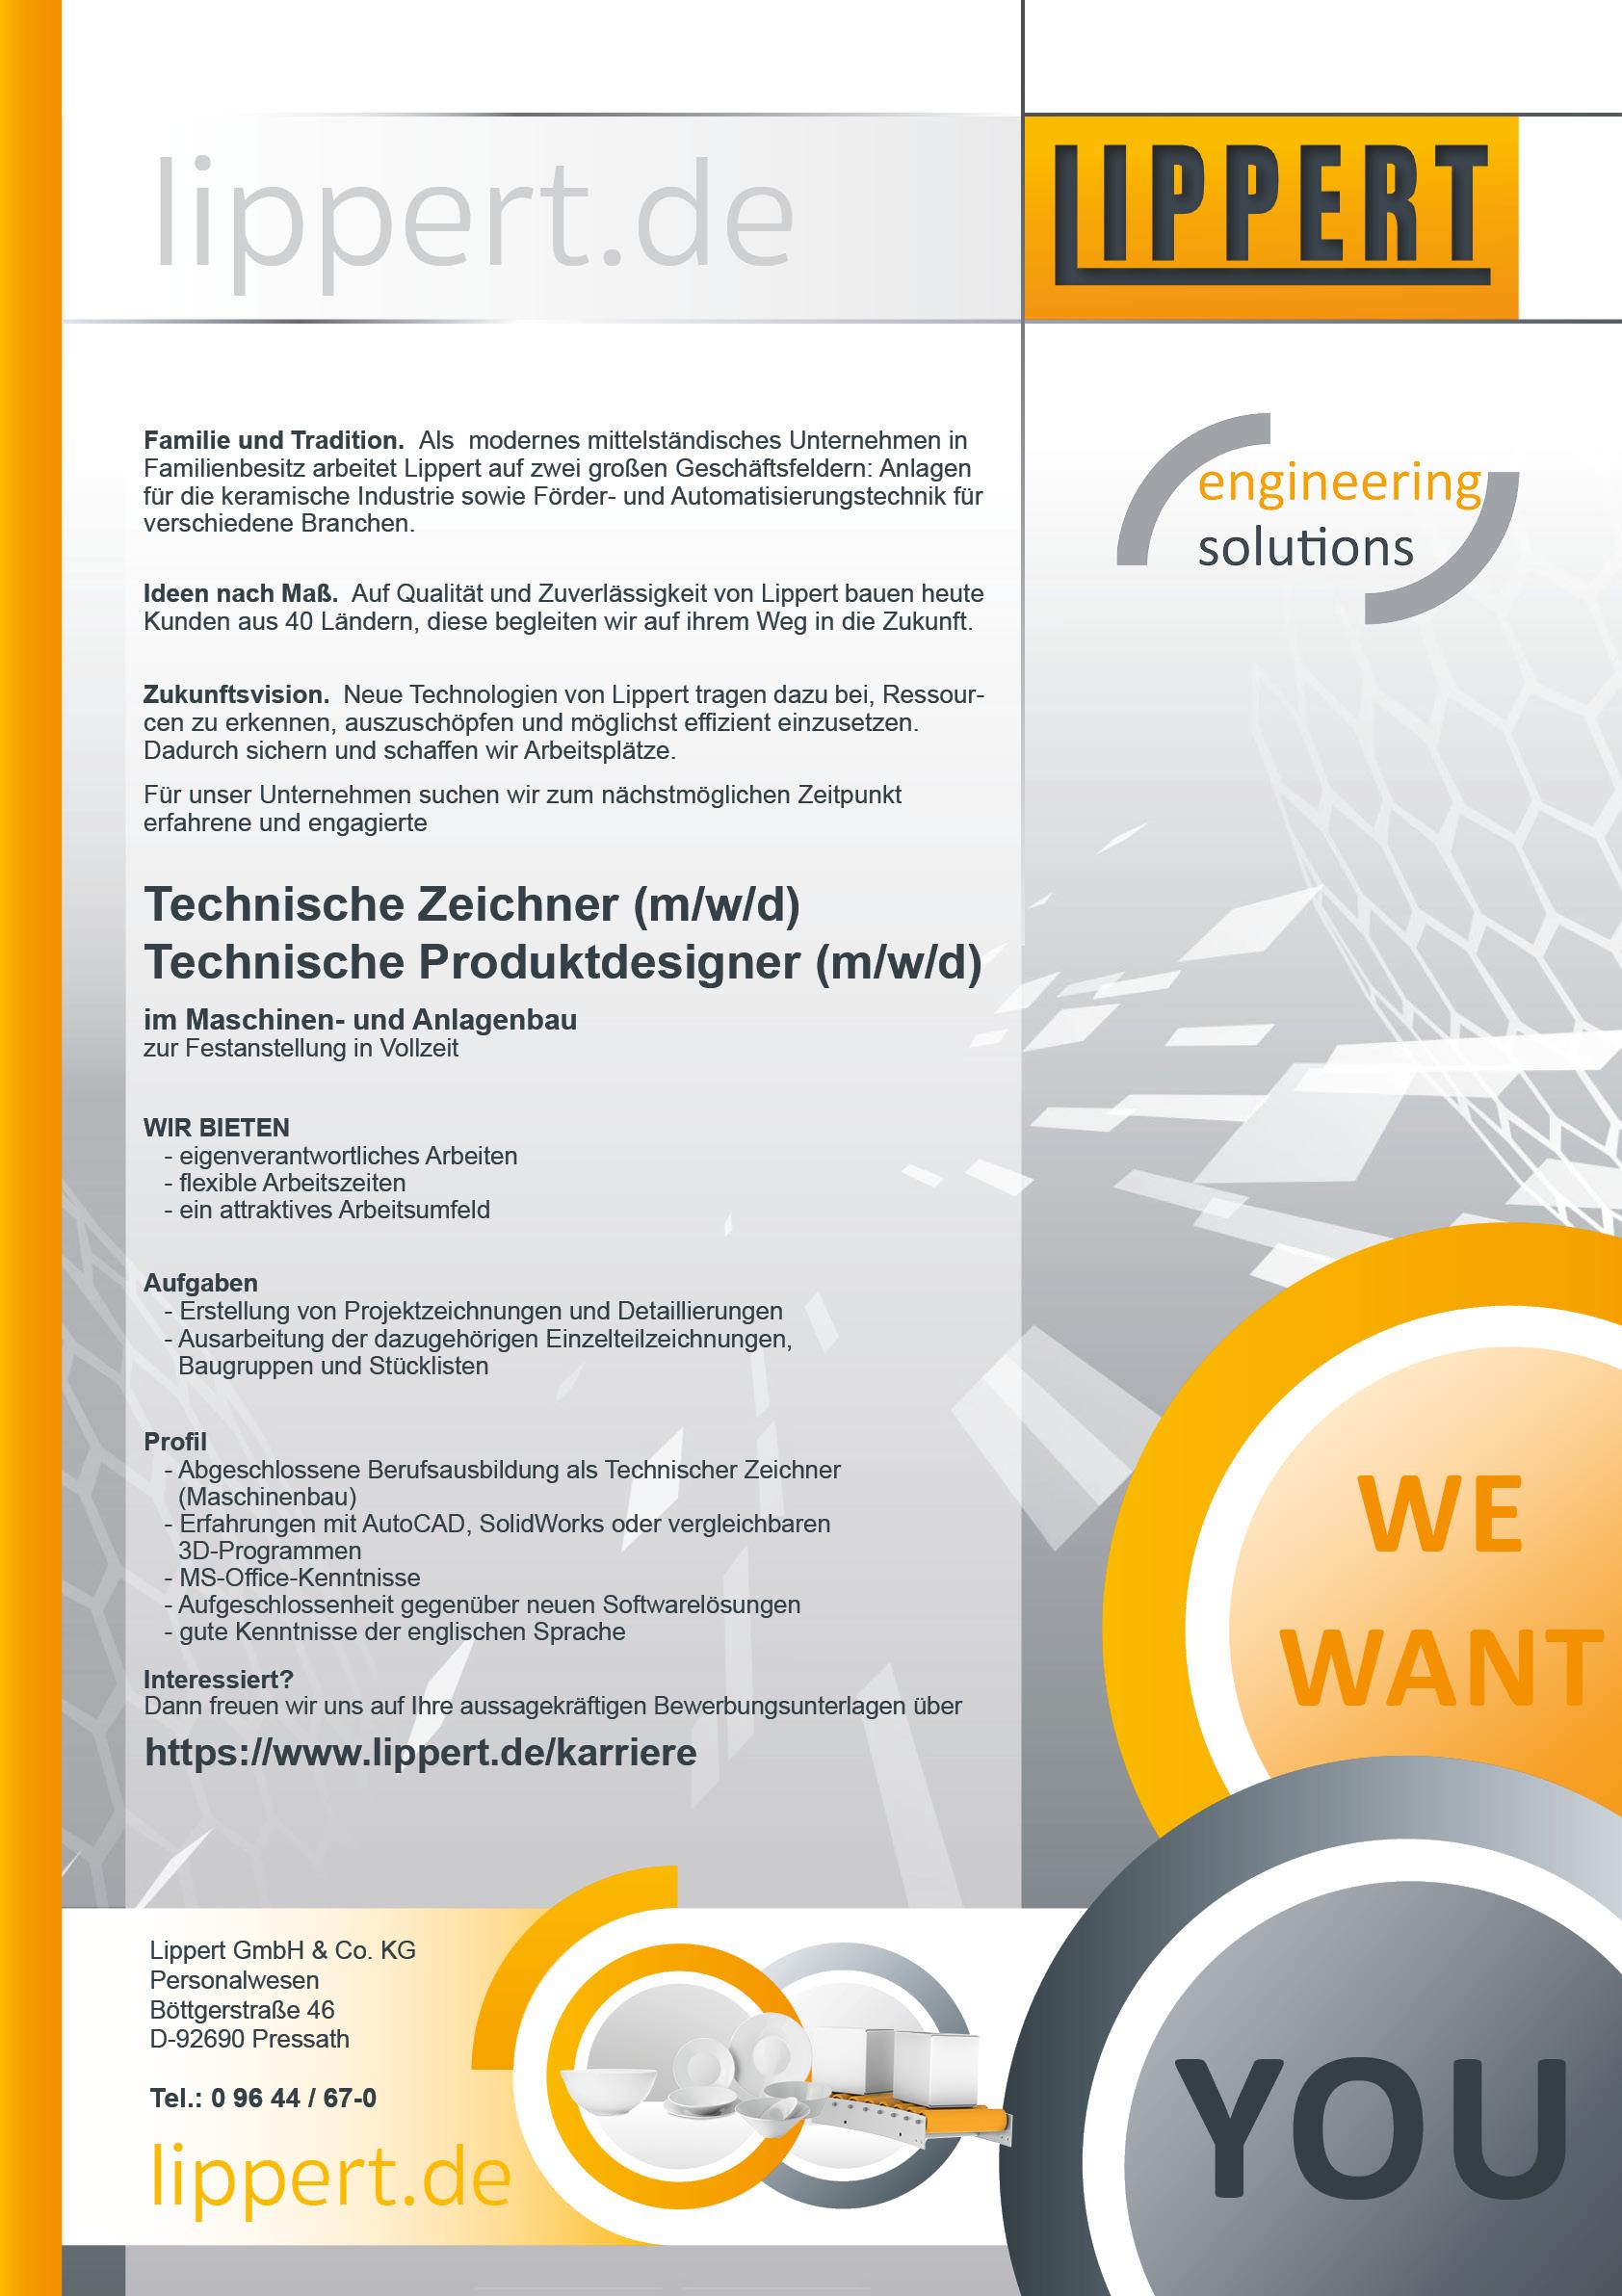 Technische Zeichner / Technische Produktdesigner (m/w/d)